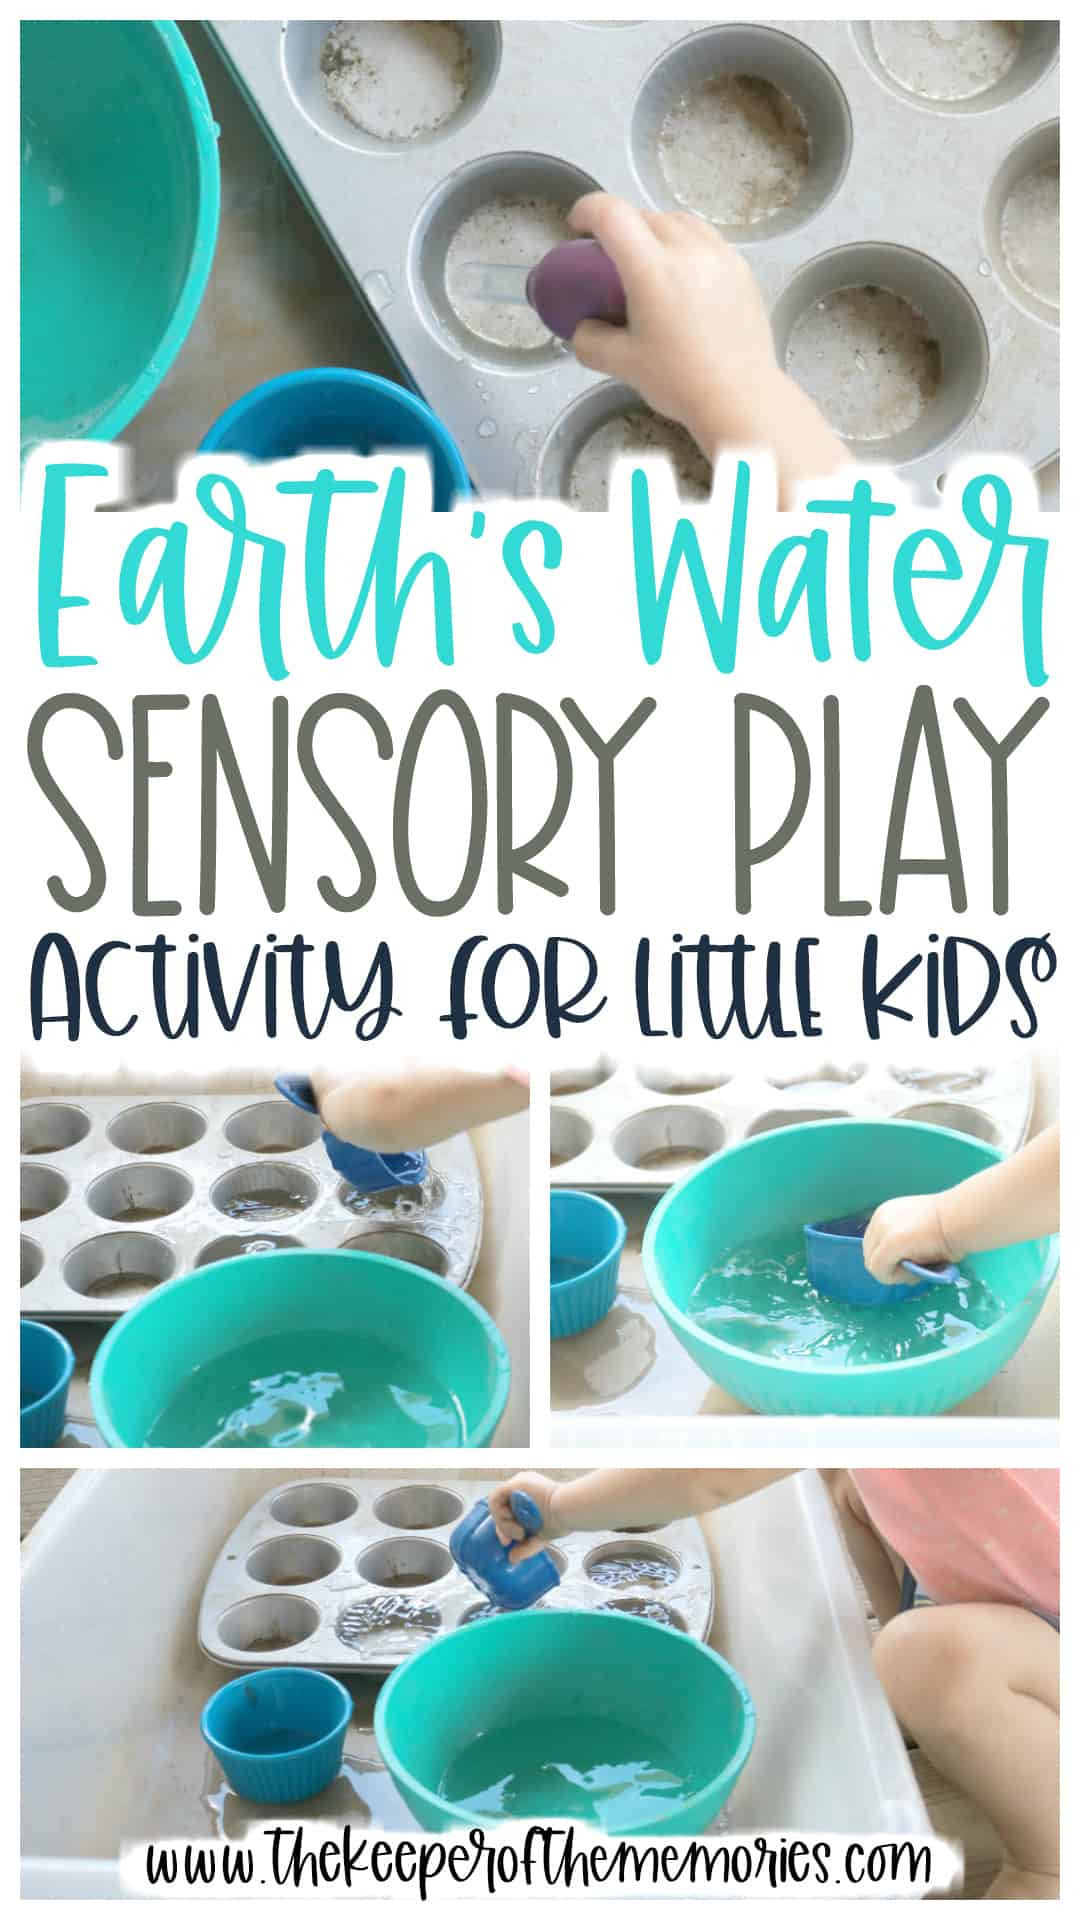 Earth's Water Sensory Tray Play Activity